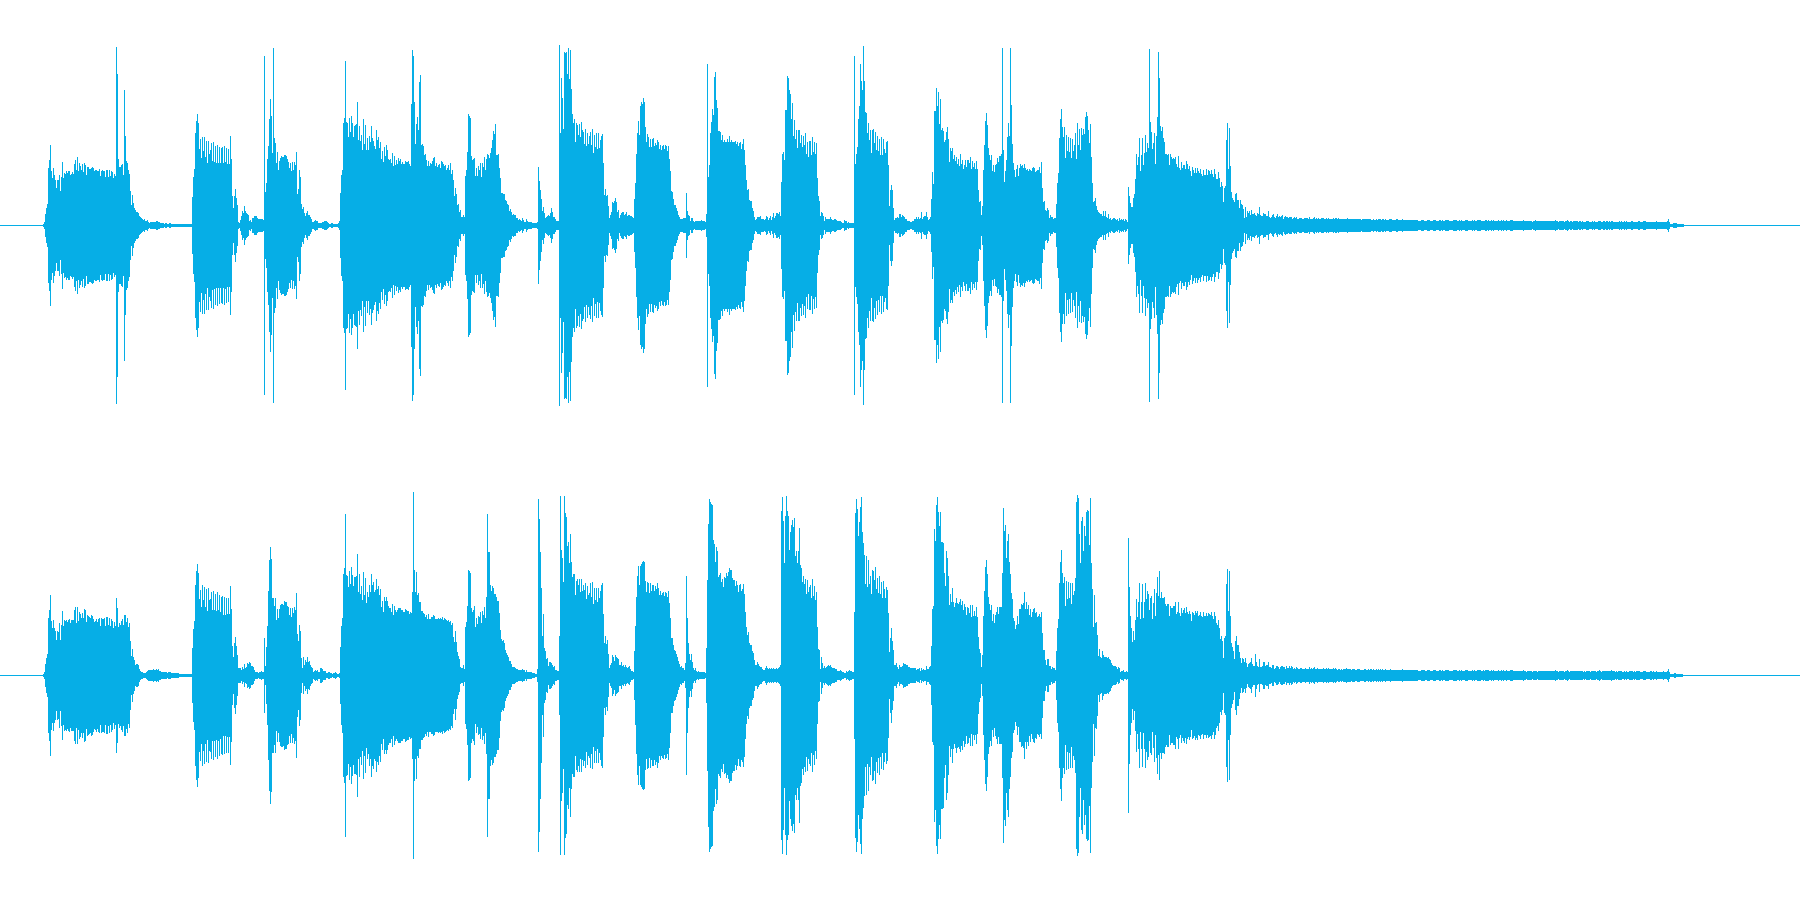 グルーヴィ&ファンキーなベースのロゴの再生済みの波形